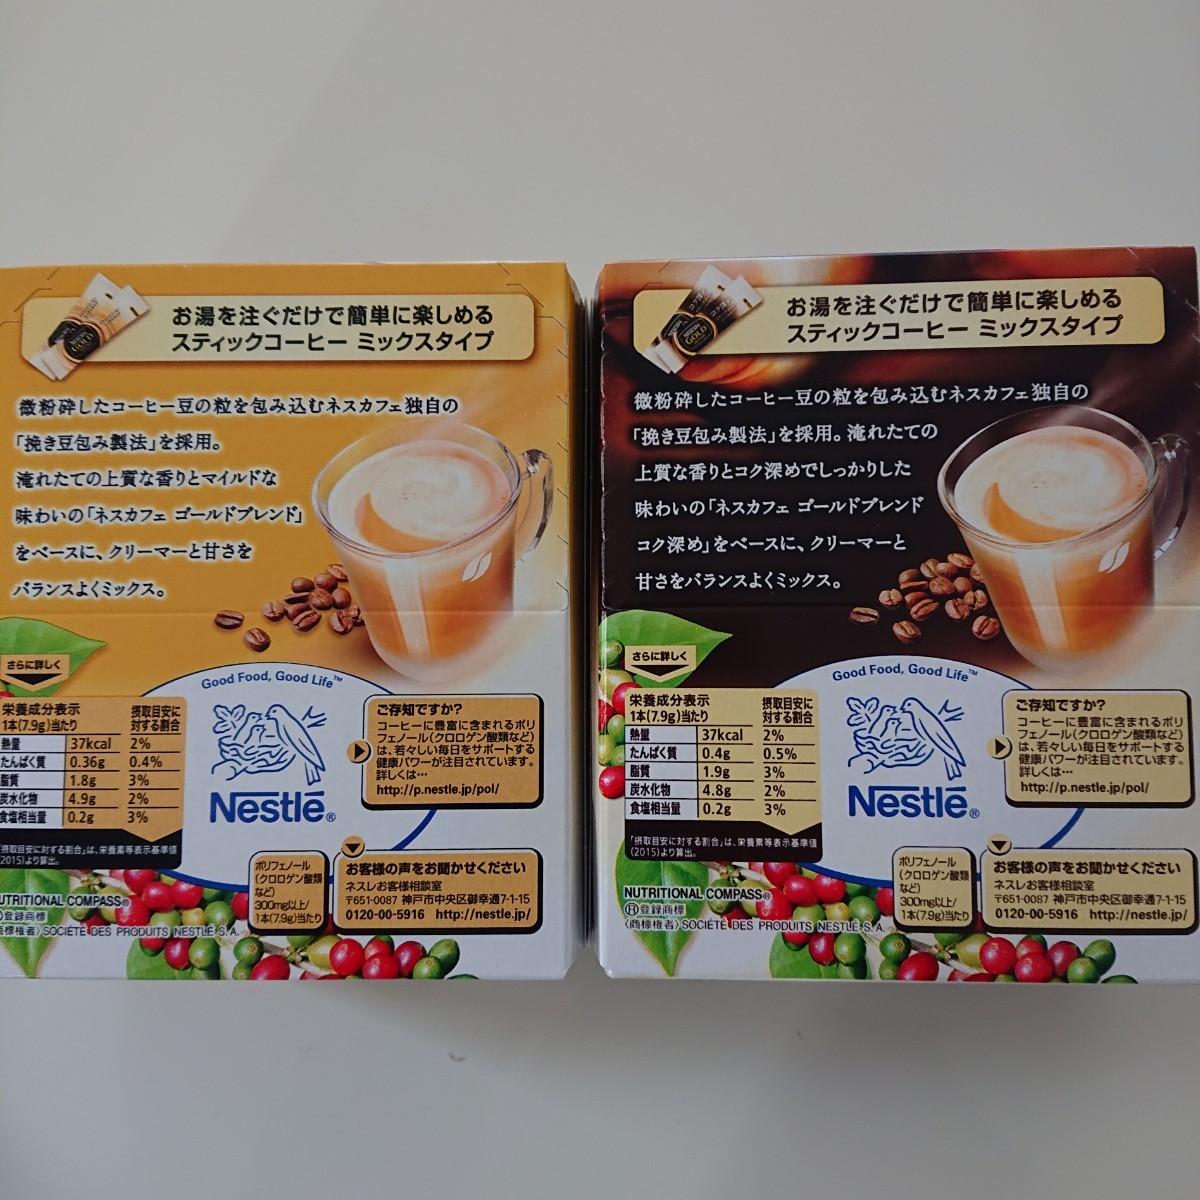 ネスレ ネスカフェ ゴールドブレンド スティックコーヒー カフェラテ2種